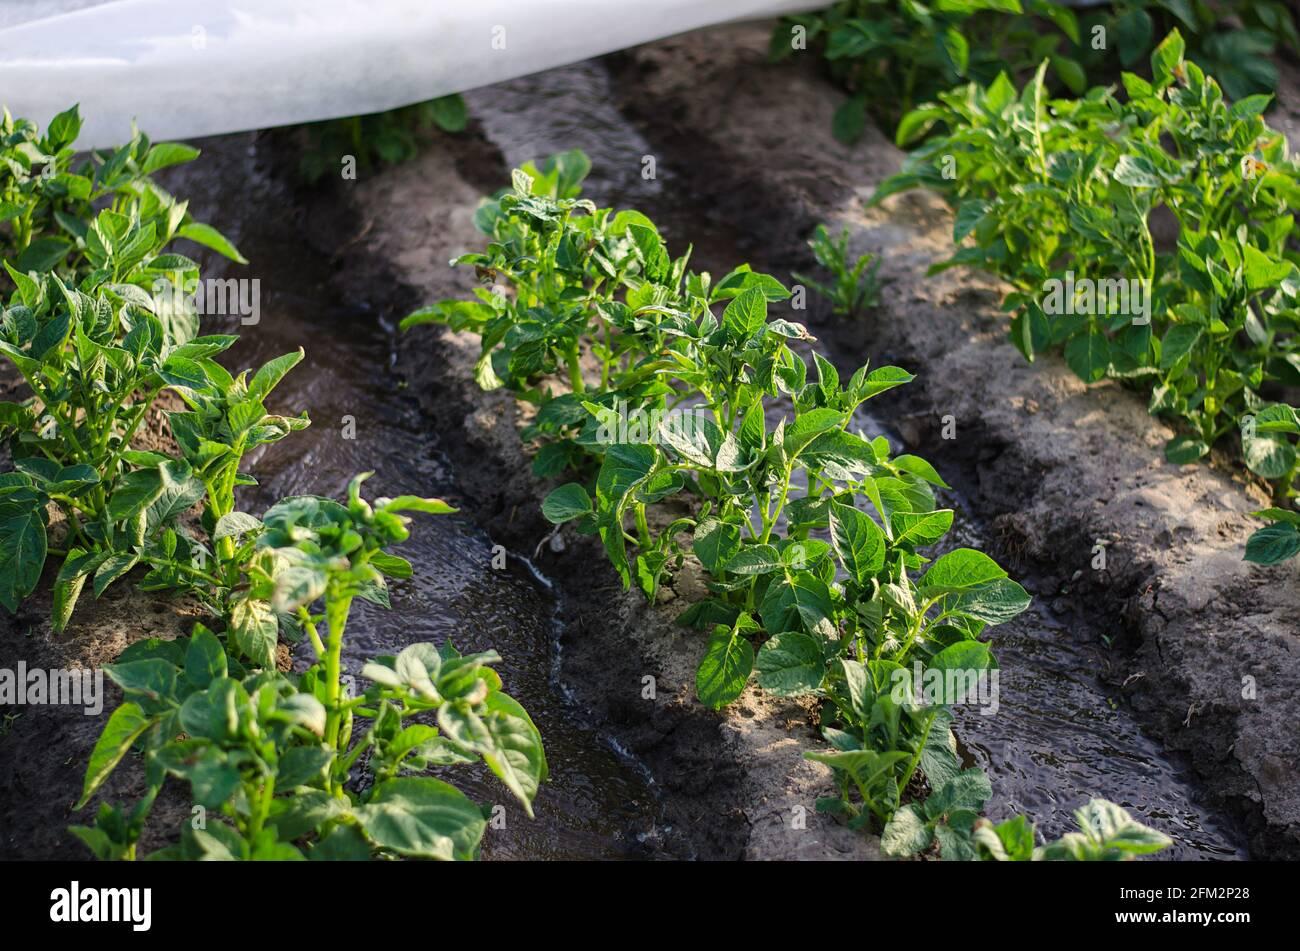 Corrientes de agua entre hileras de arbustos de papa cubiertos de fibra agrícola. Cultivo de cultivos a principios de primavera utilizando invernaderos. Agricultura irrigati Foto de stock